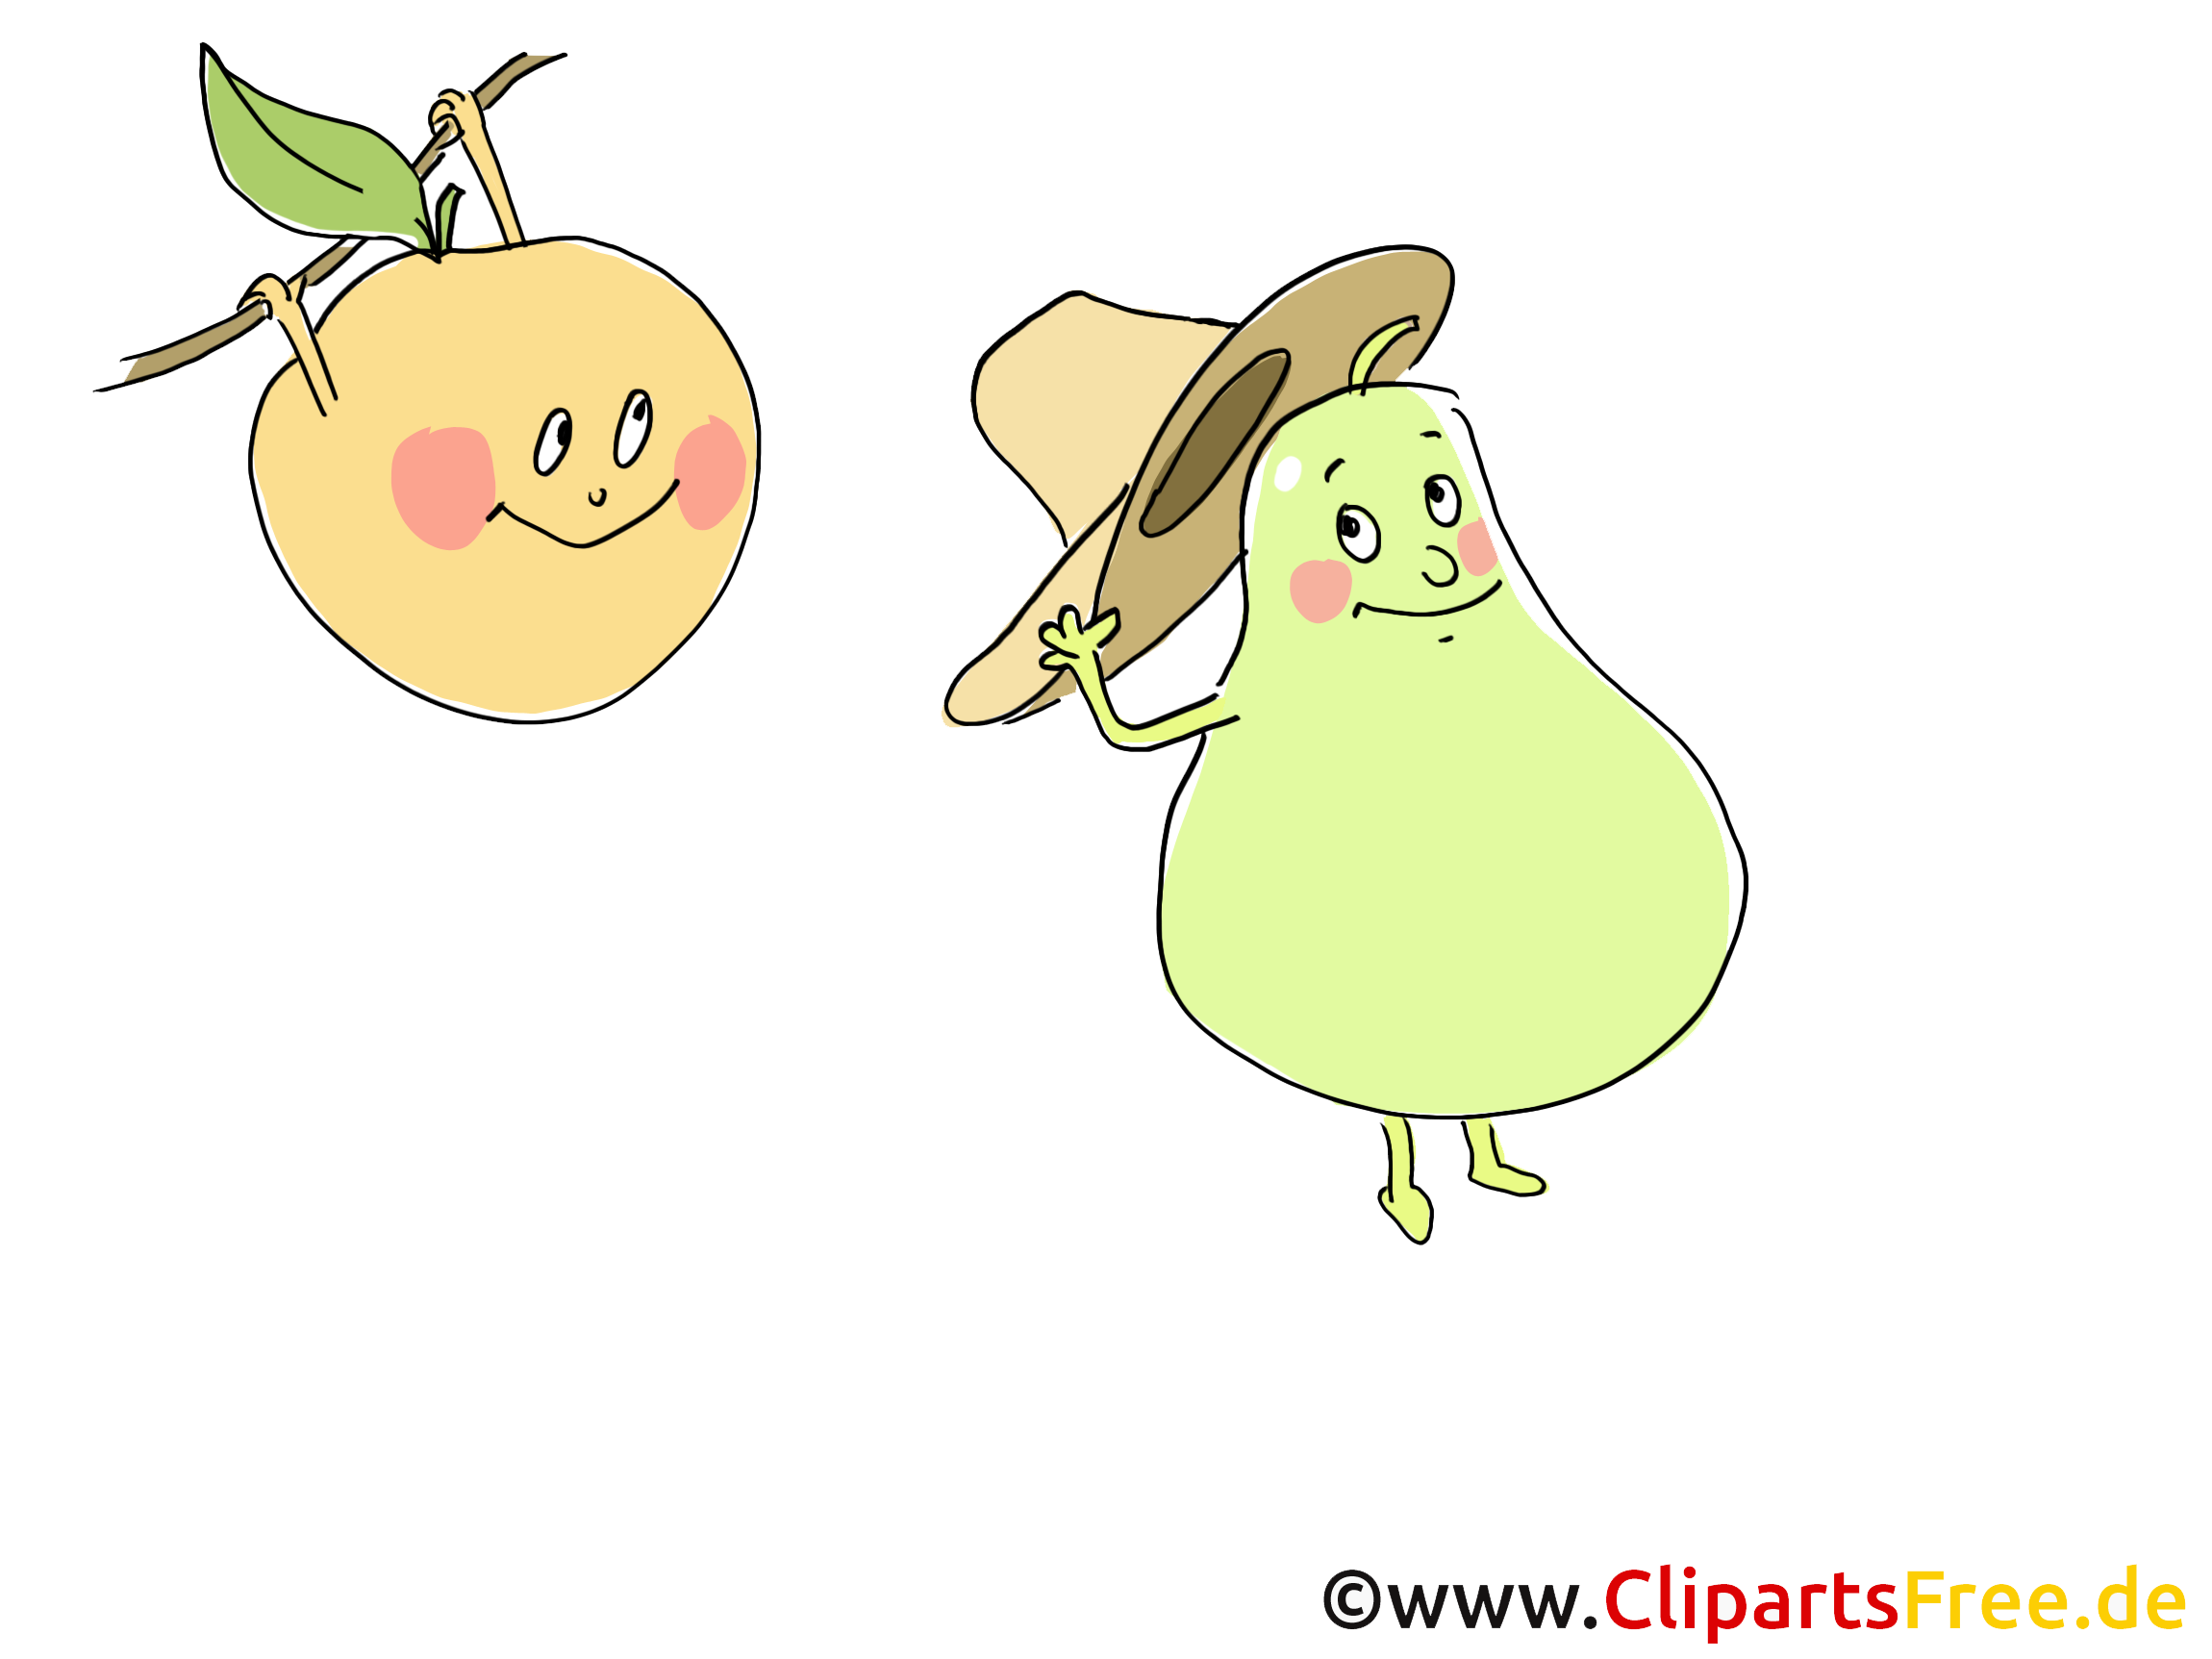 Clip art gratuit fruits dessin à télécharger